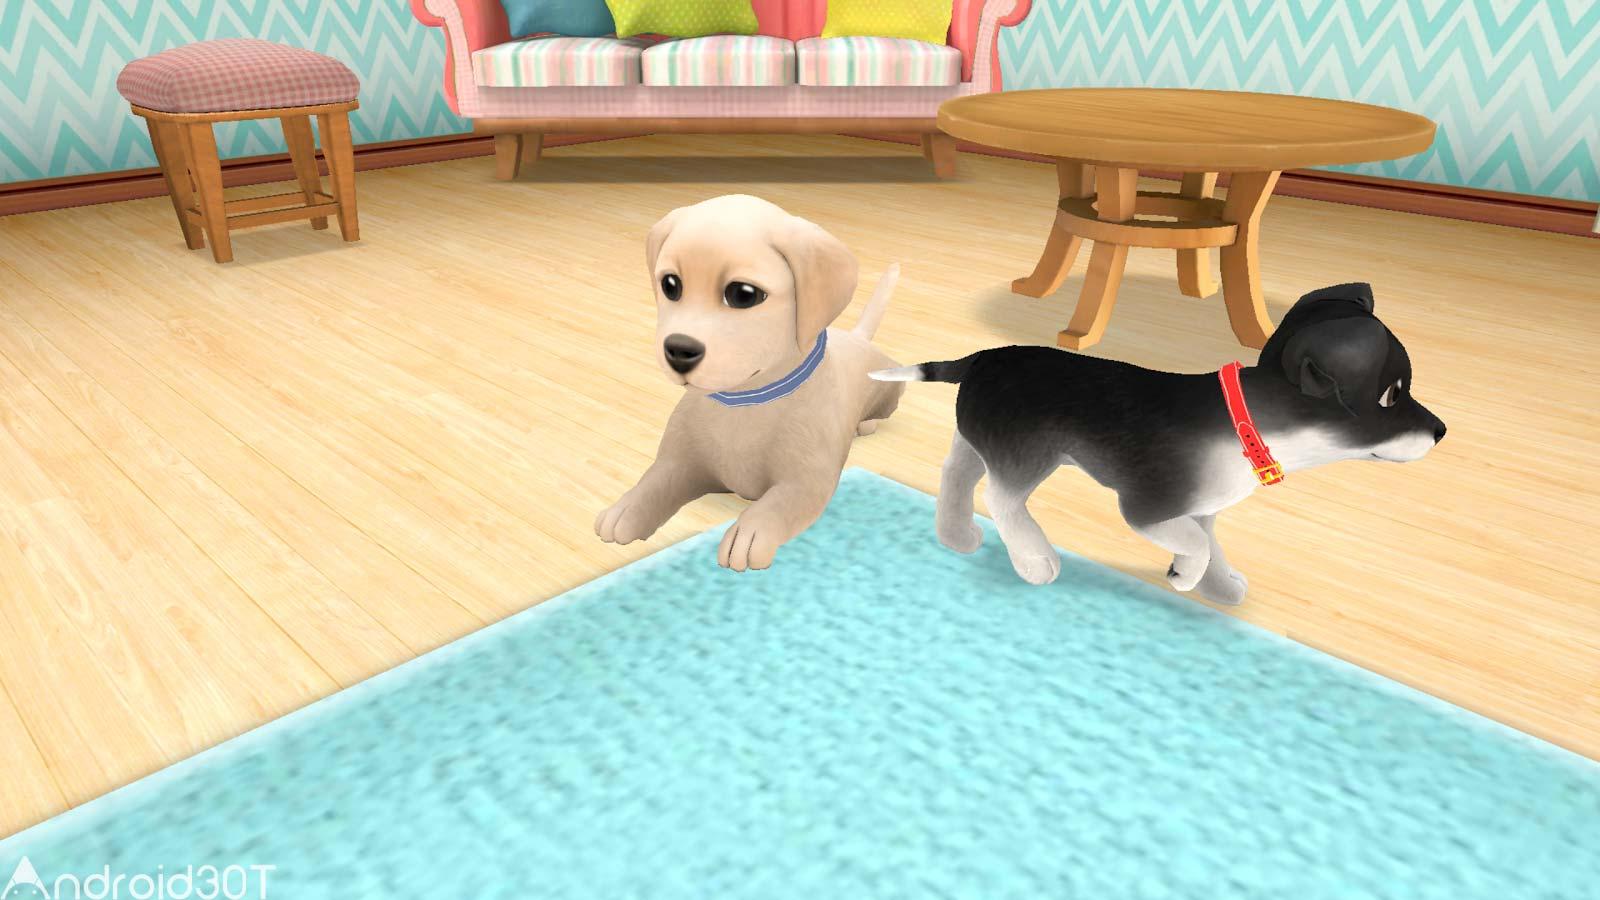 دانلود Lovely Pets Dog Town 1.1.50 – بازی جذاب نگهداری سگ اندروید